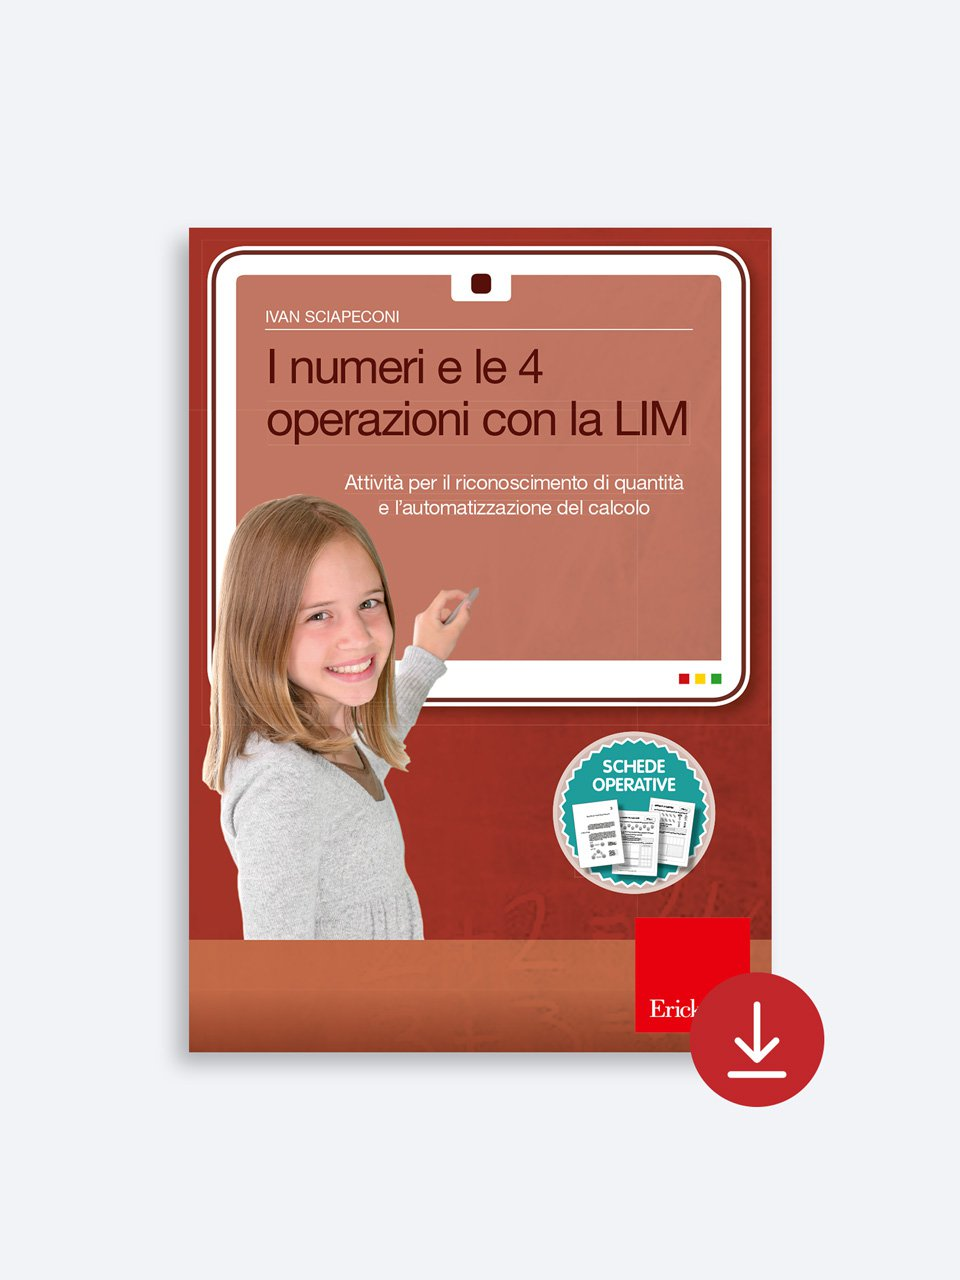 I numeri e le 4 operazioni con la LIM - Giocadomino - Frazioni e numeri decimali - Giochi - Erickson 2